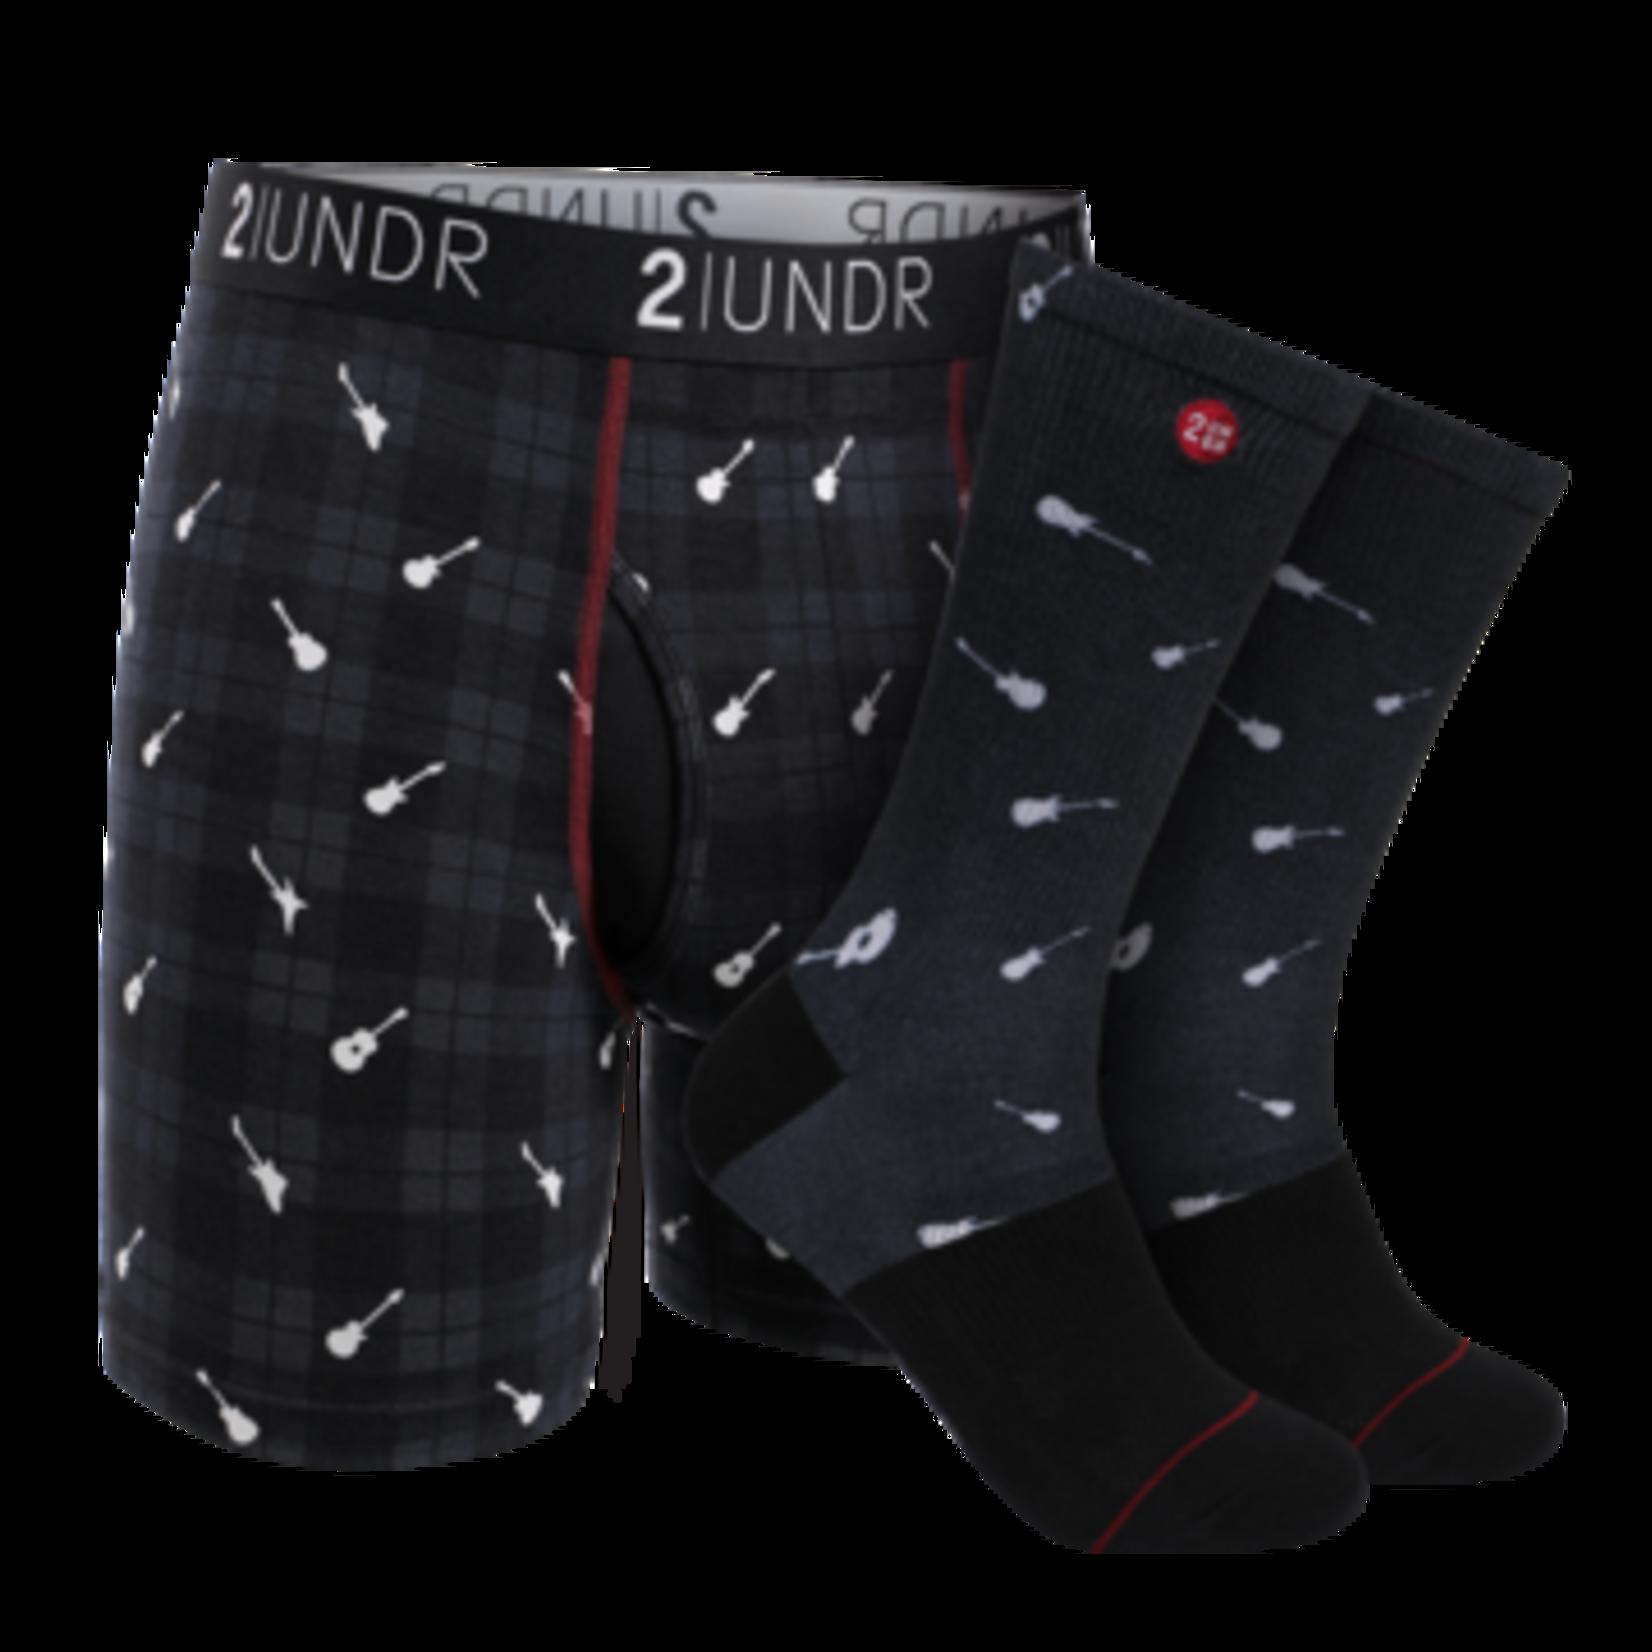 2UNDER SWING SHIFT / SOCK PACK